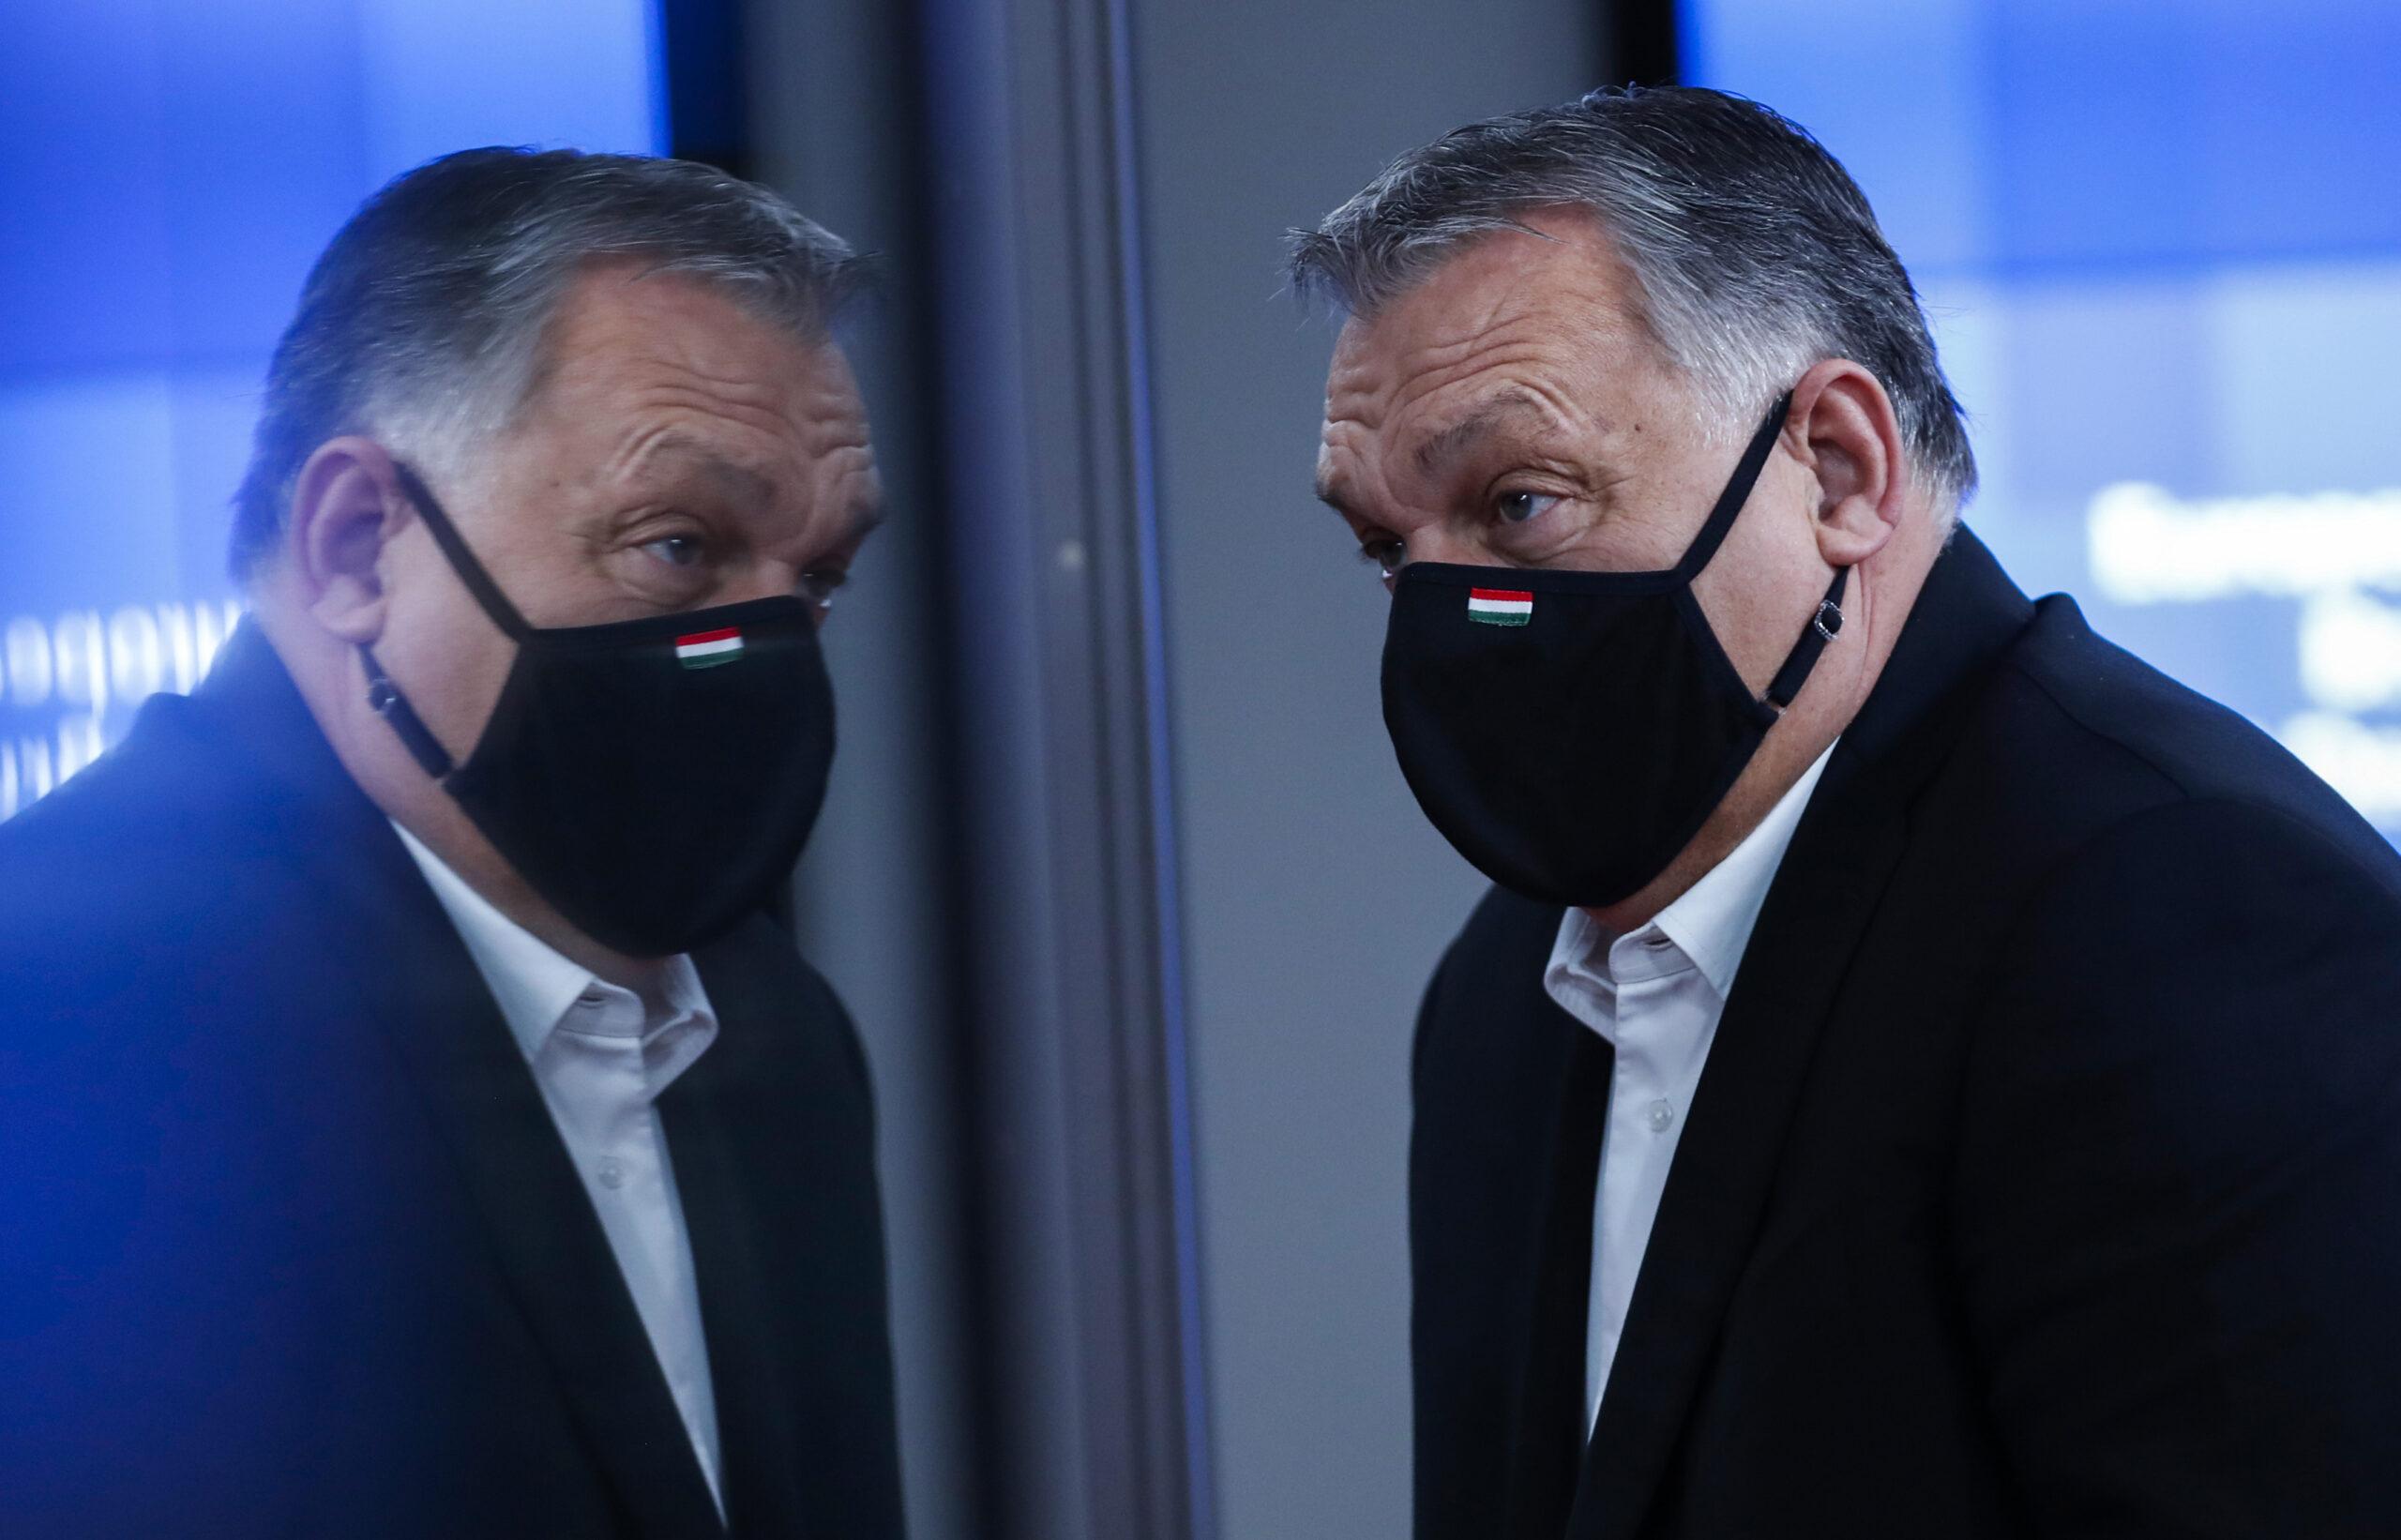 La strategia economica di Orban |  il sovranista che fa affari con la Cina